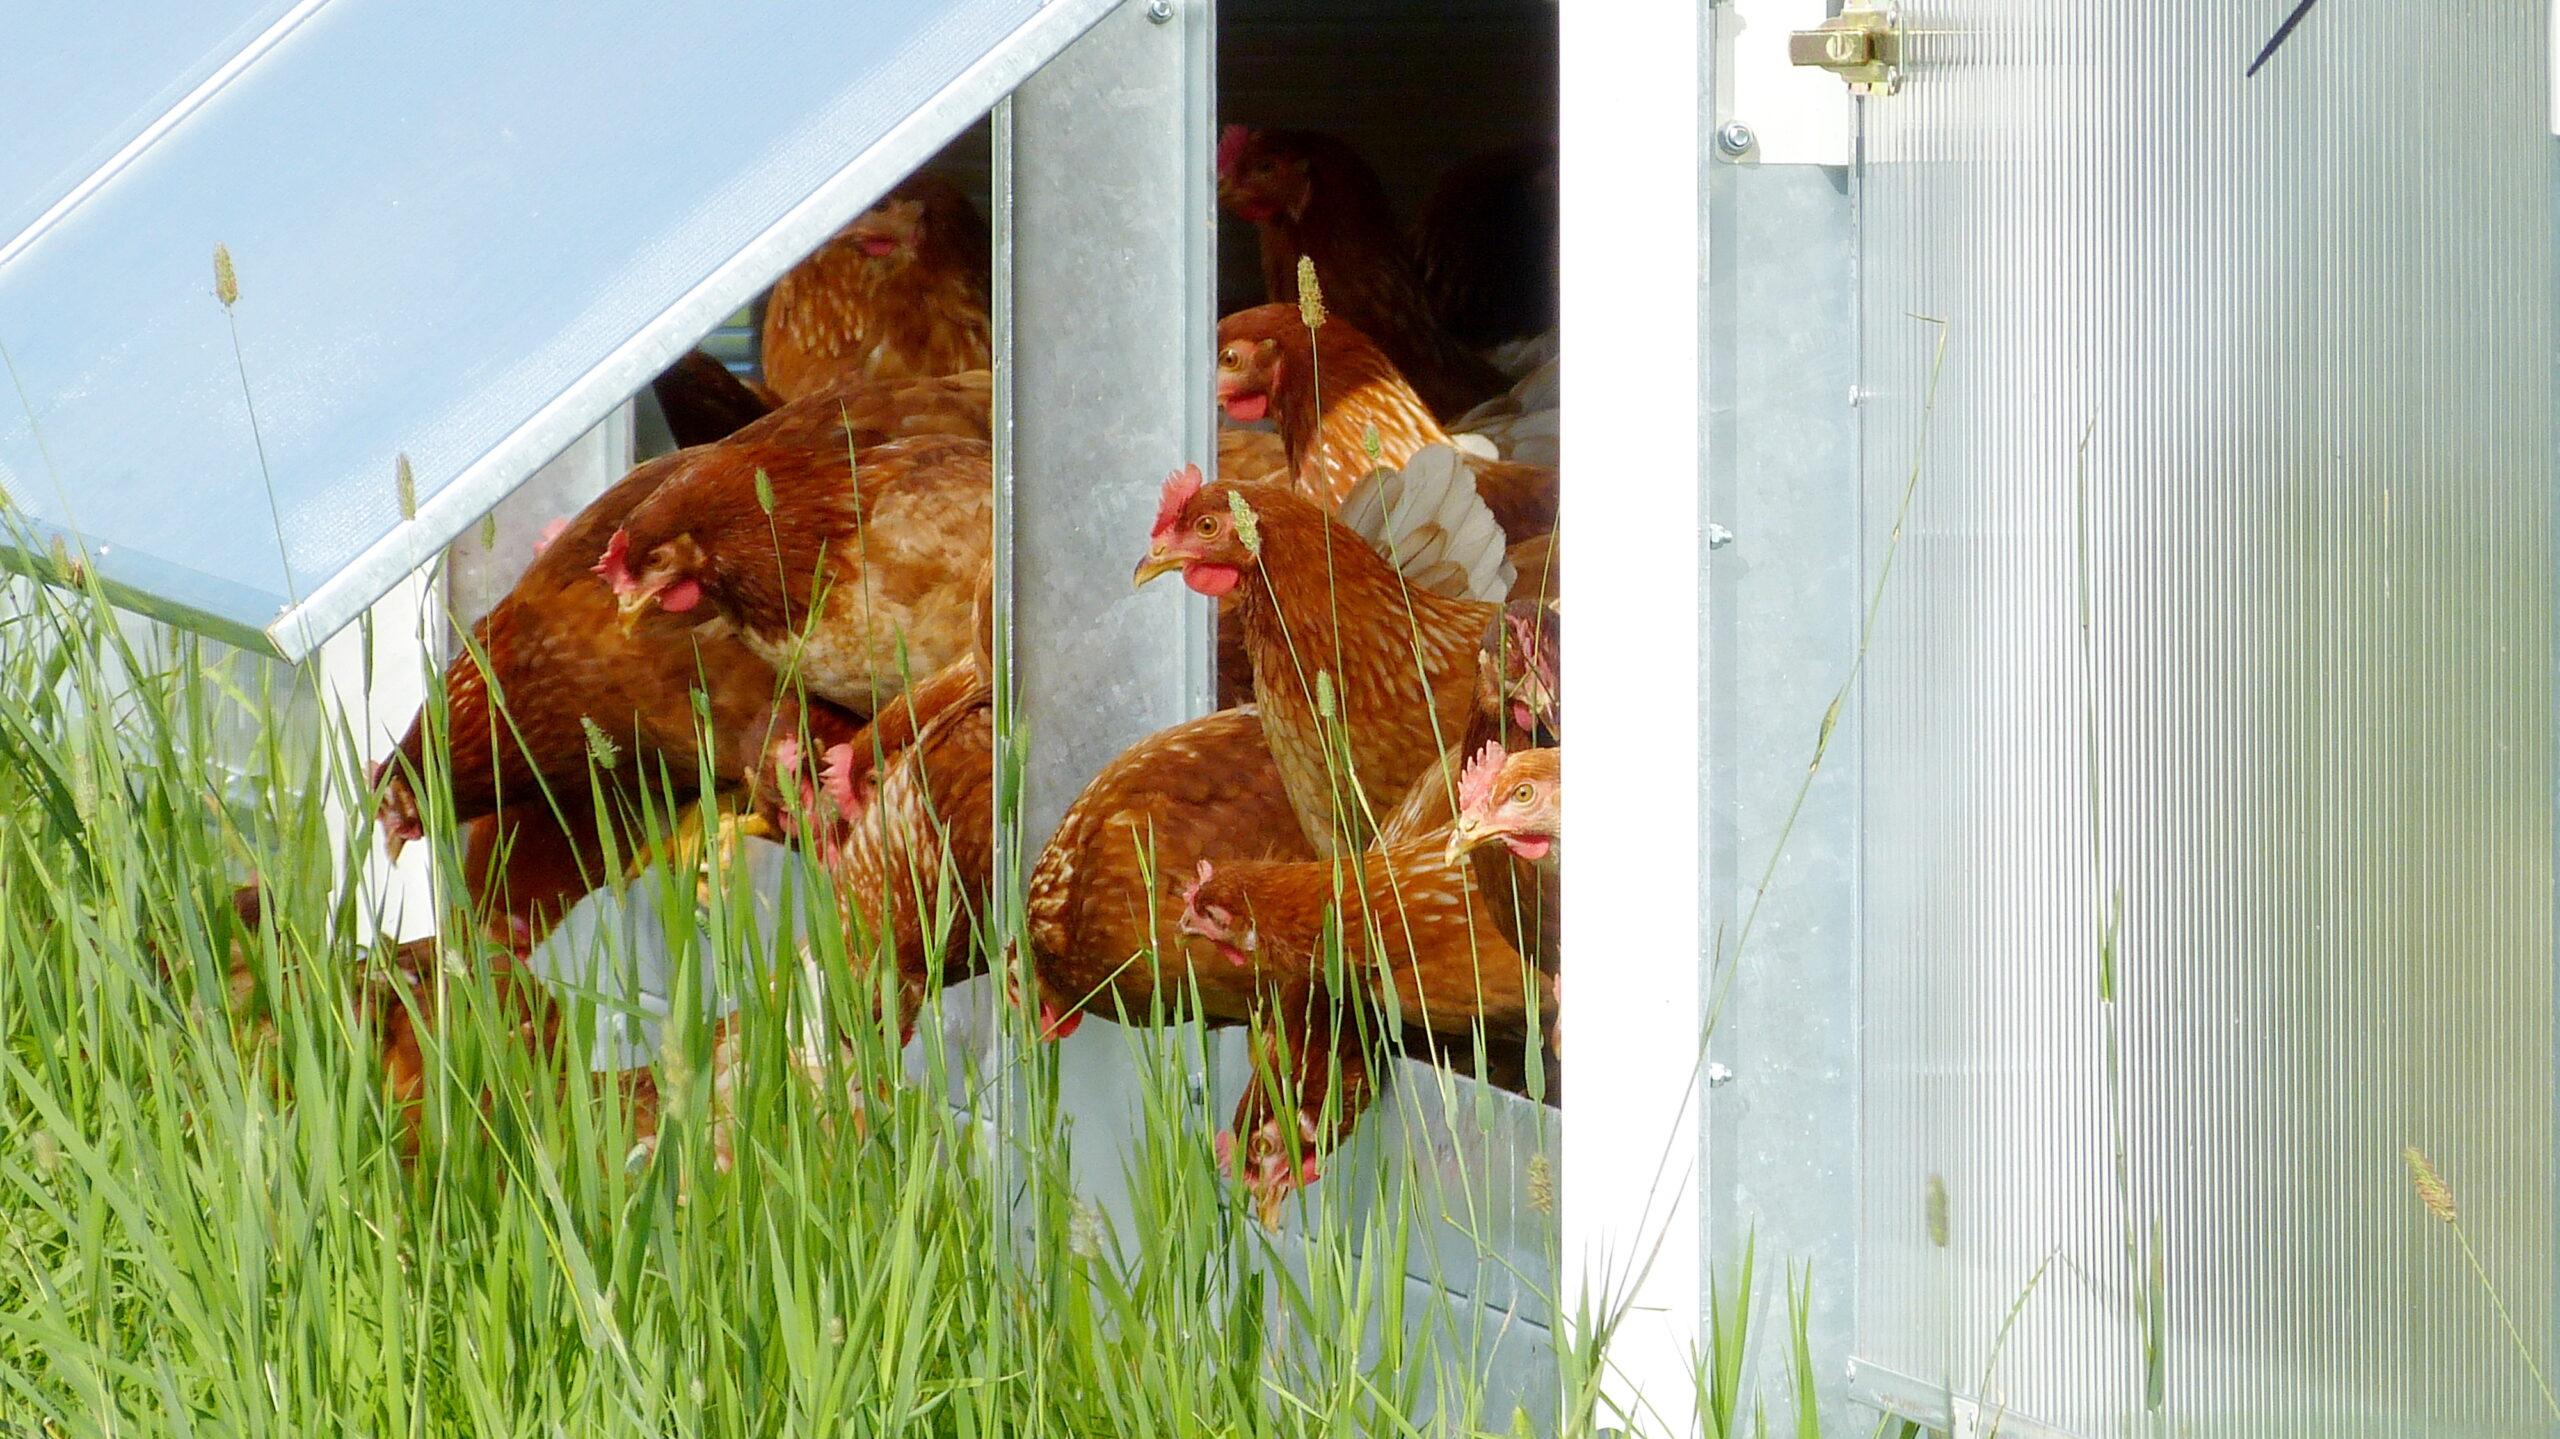 Hühner verlassen den Stall